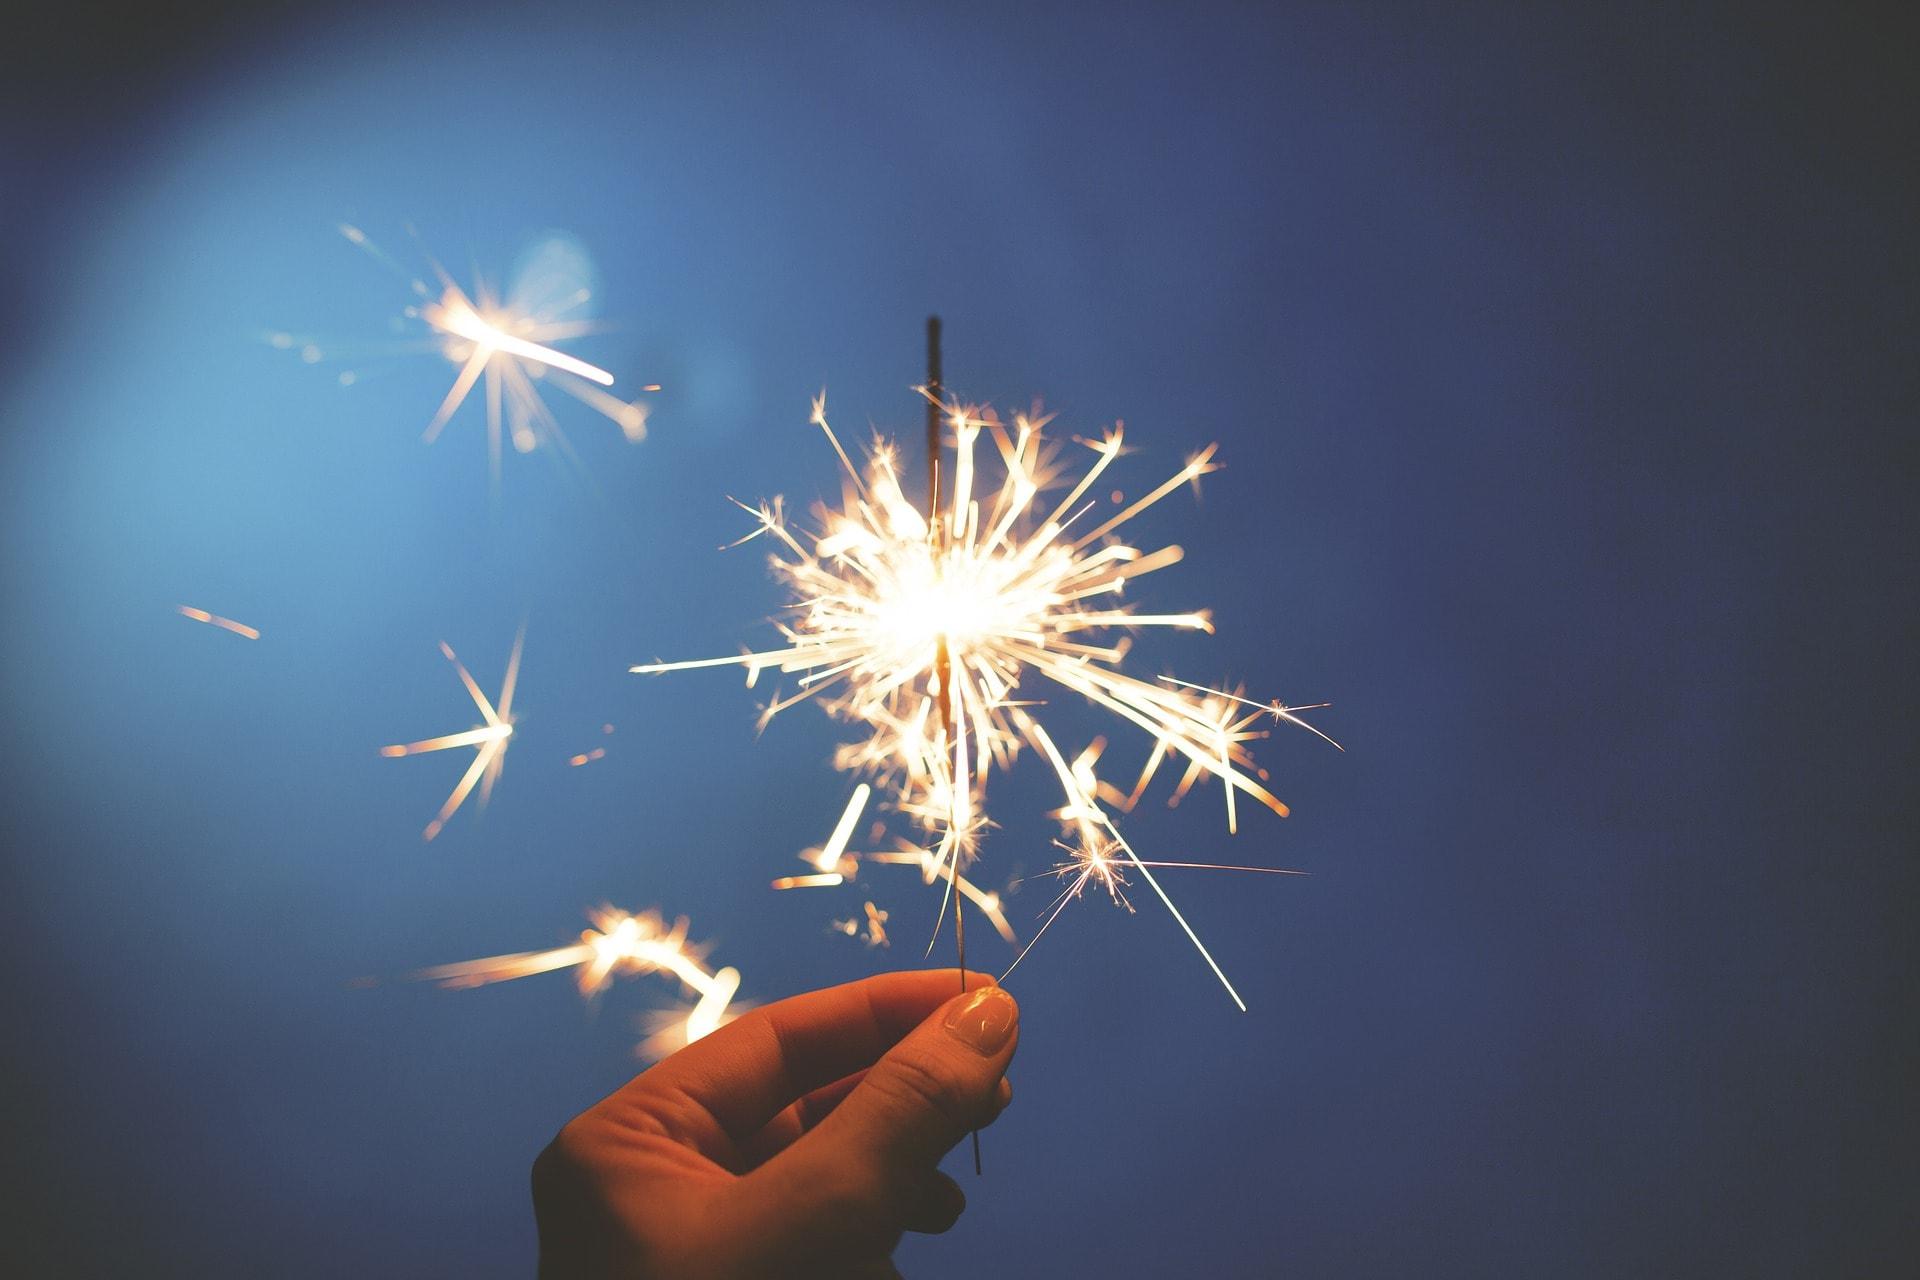 Тест: Знаешь как встречают Новый год в разных странах?